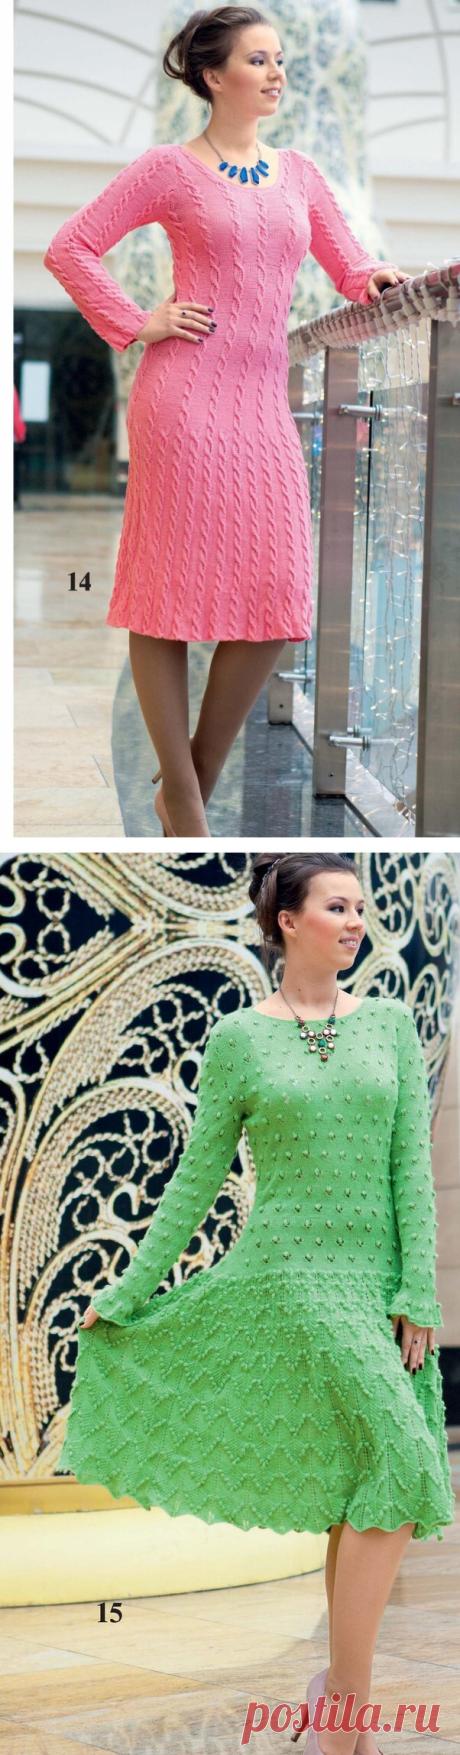 Интересные модели платьев спицами для осени | Вяжем с Еленой Коротенко | Яндекс Дзен